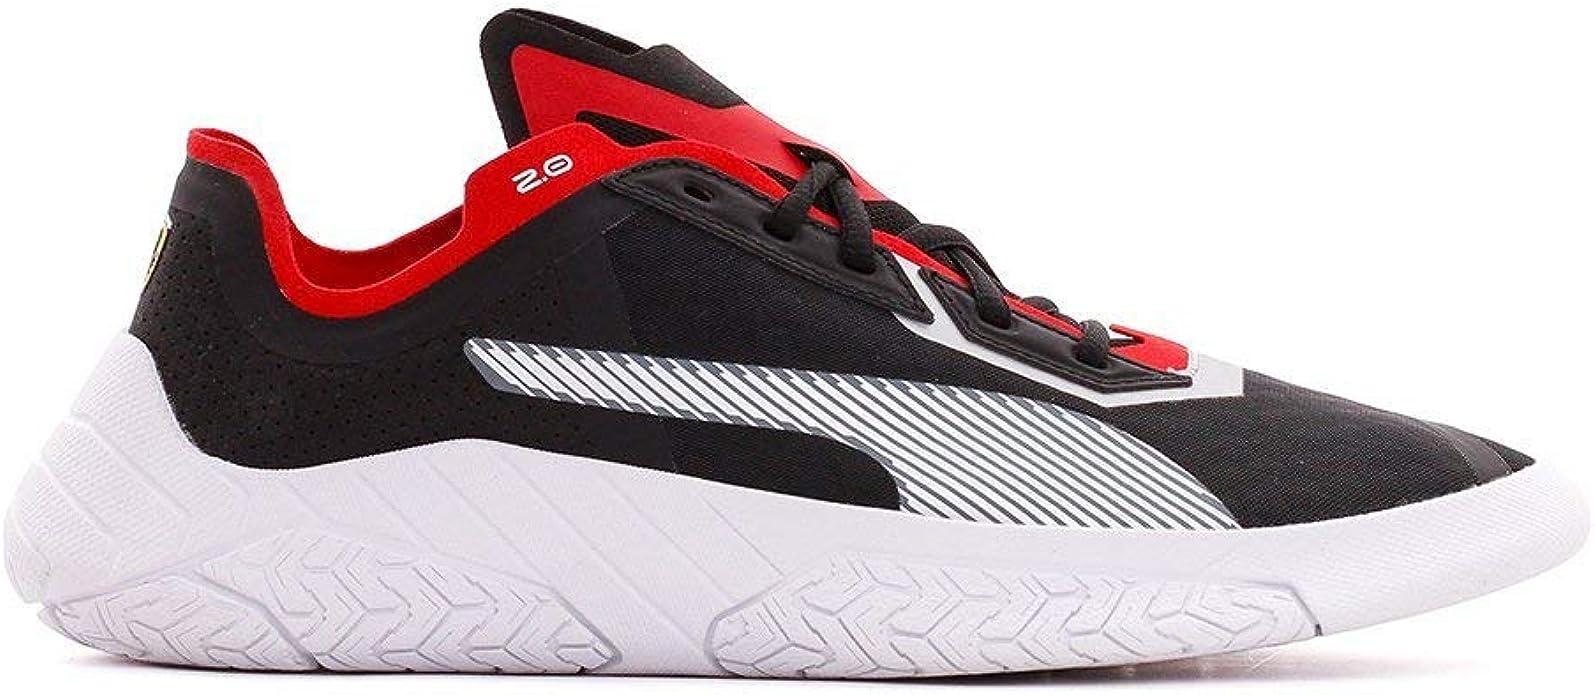 Amazon Com Puma Men X Ferrari Race Replicat X 2 0 Shoes